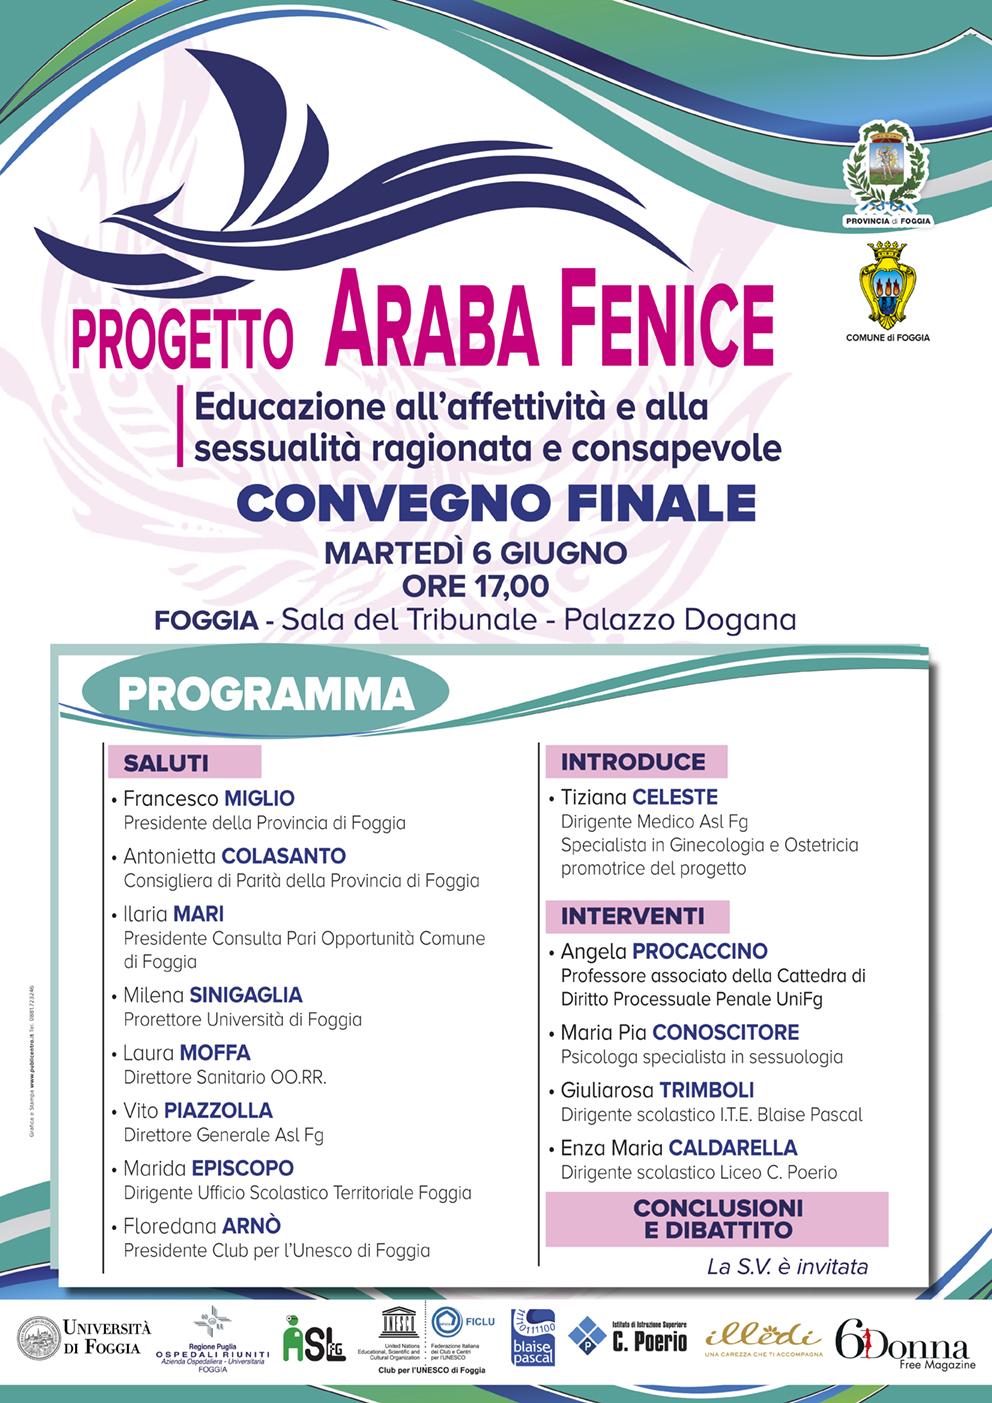 Araba Fenice: in un convegno i risultati del progetto di educazione all'affettività